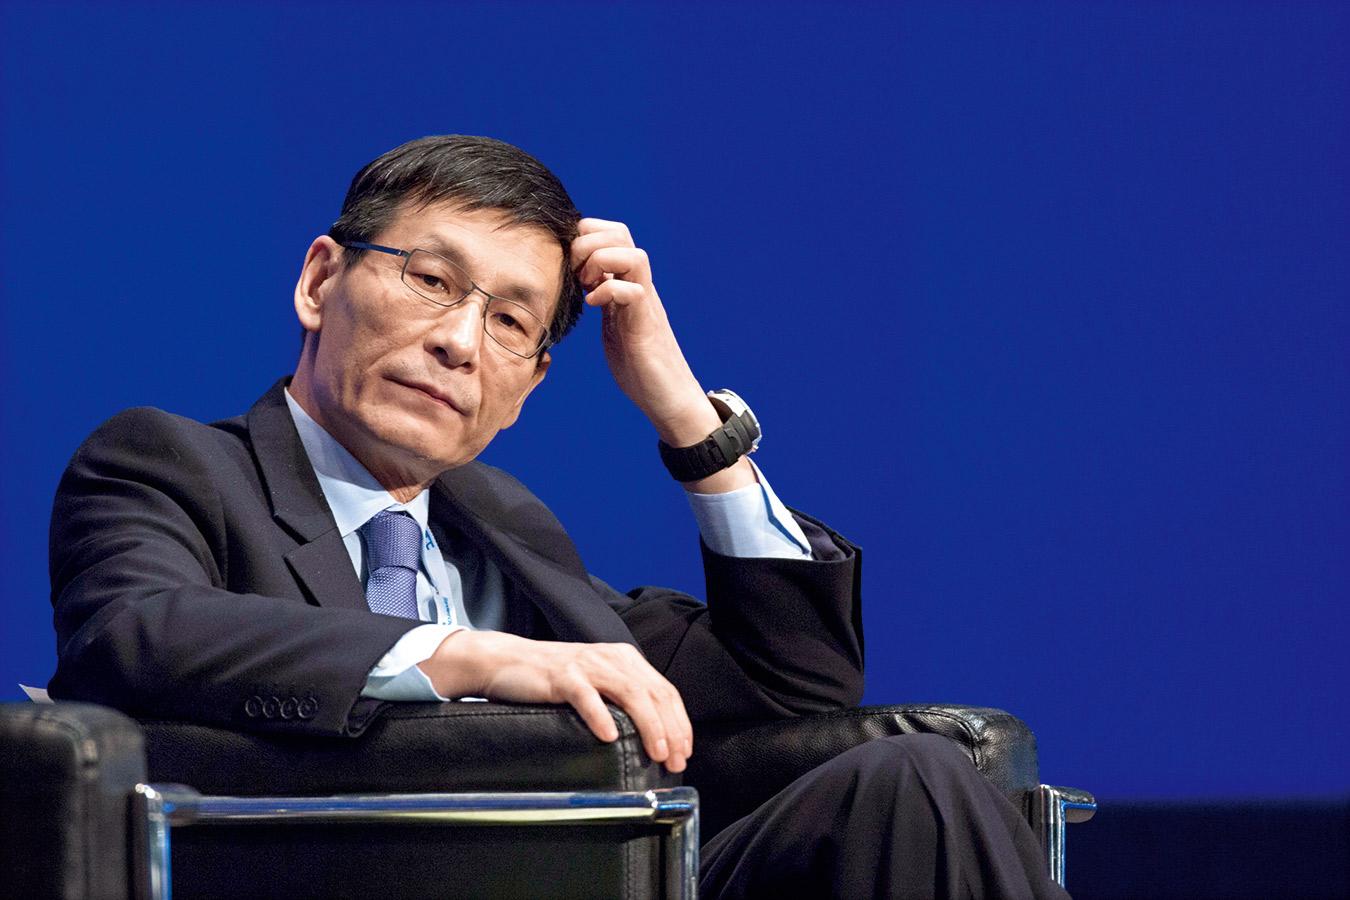 朱鎔基之子朱雲來, 自1998年進入中金公 司後,似也壟斷了中 國大型國企的海外上 市市場。